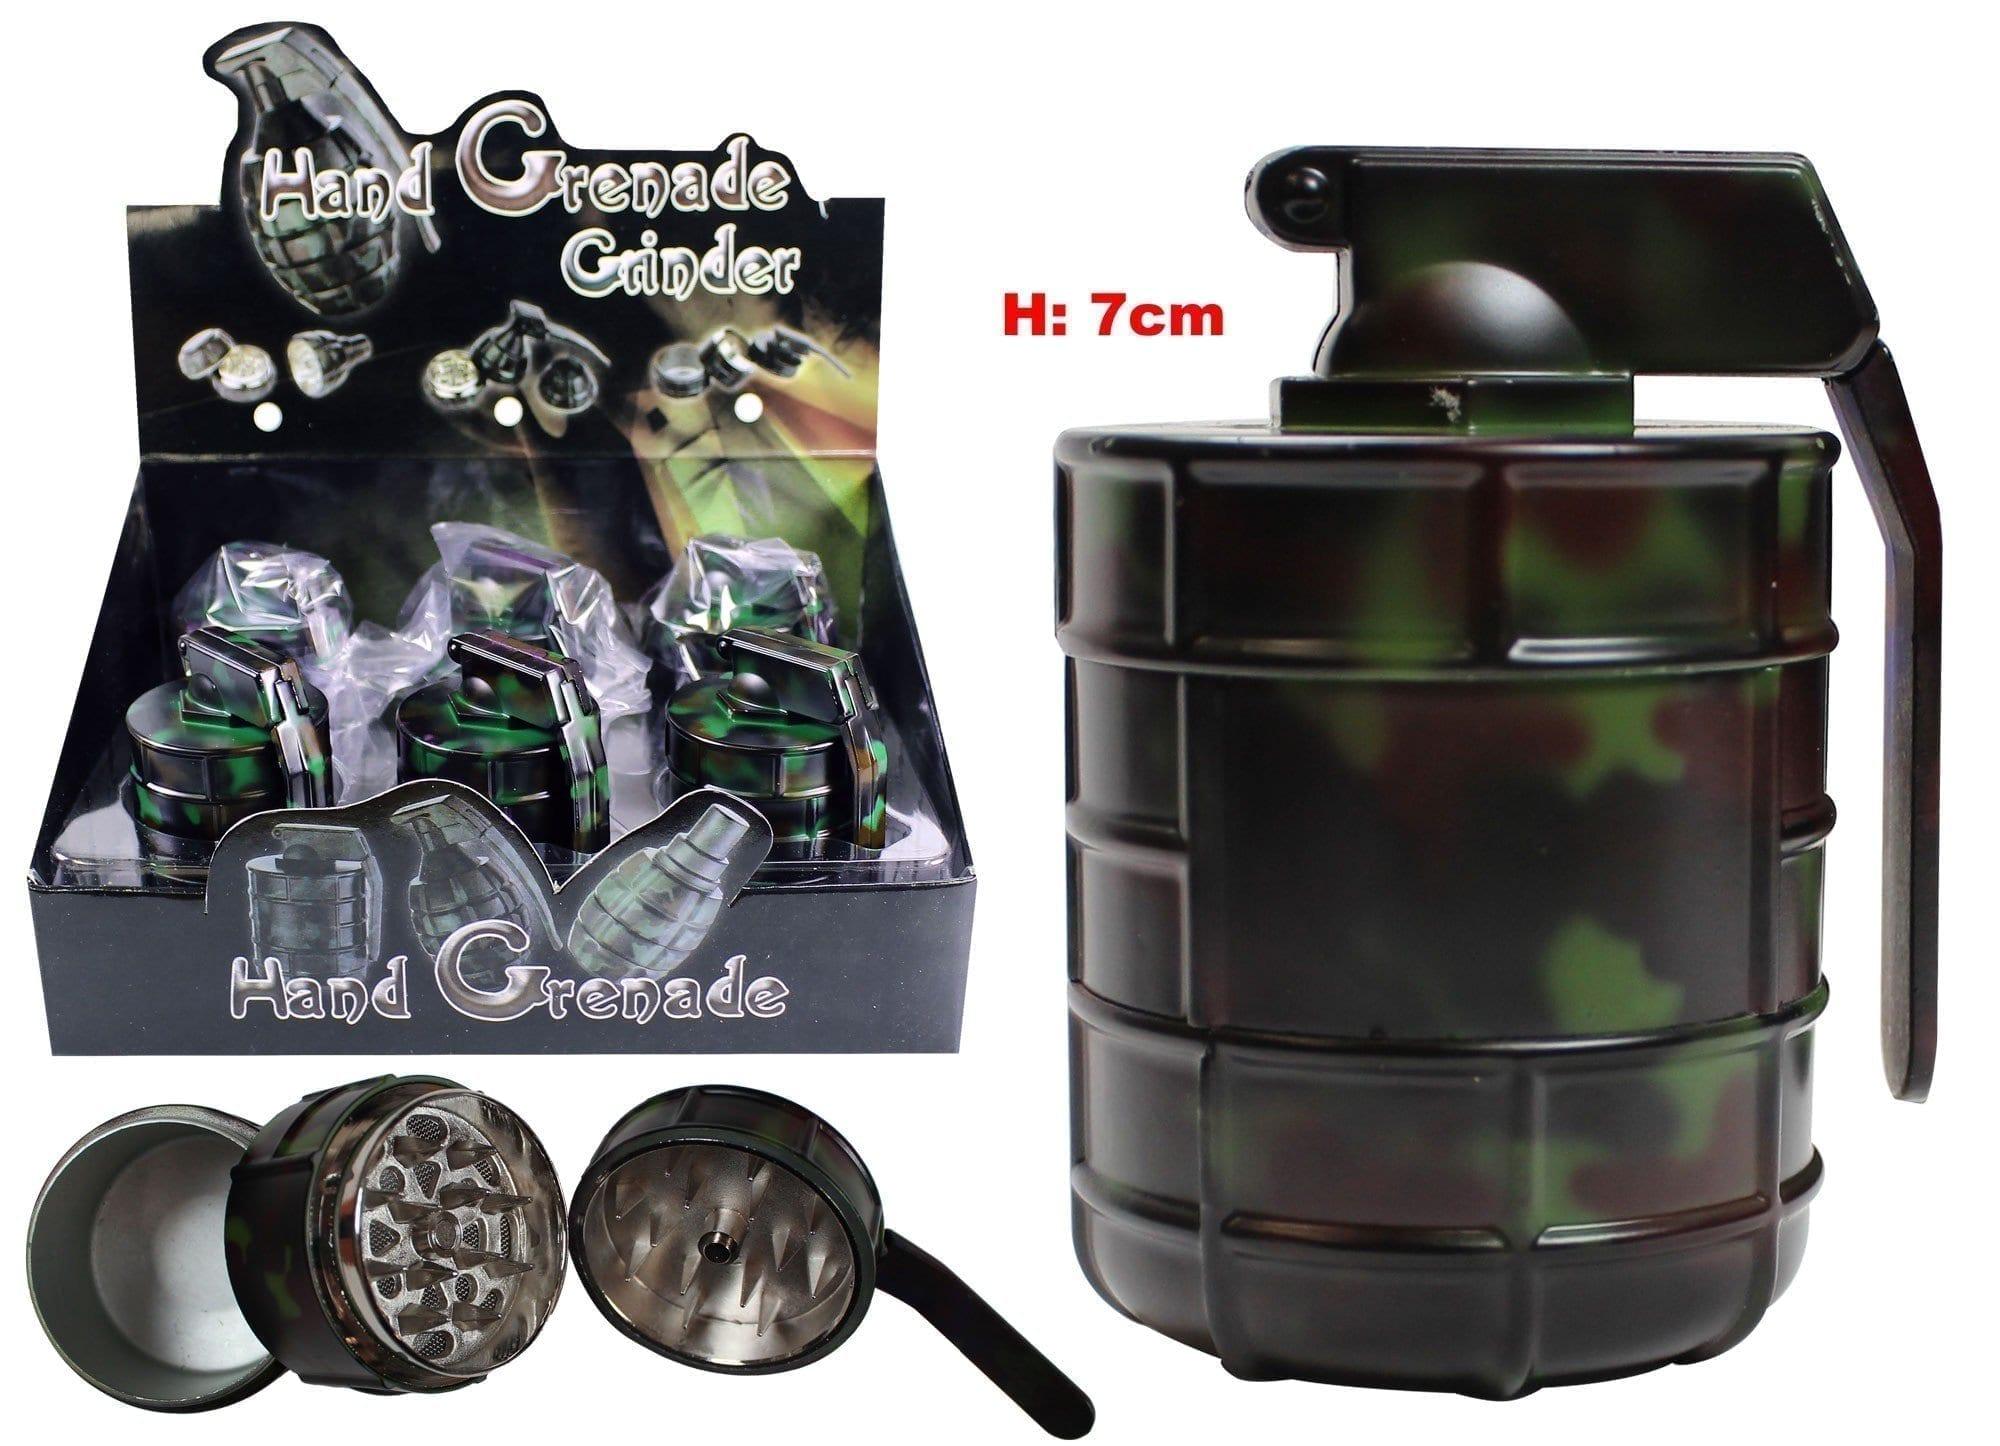 3pc Grenade Grinder